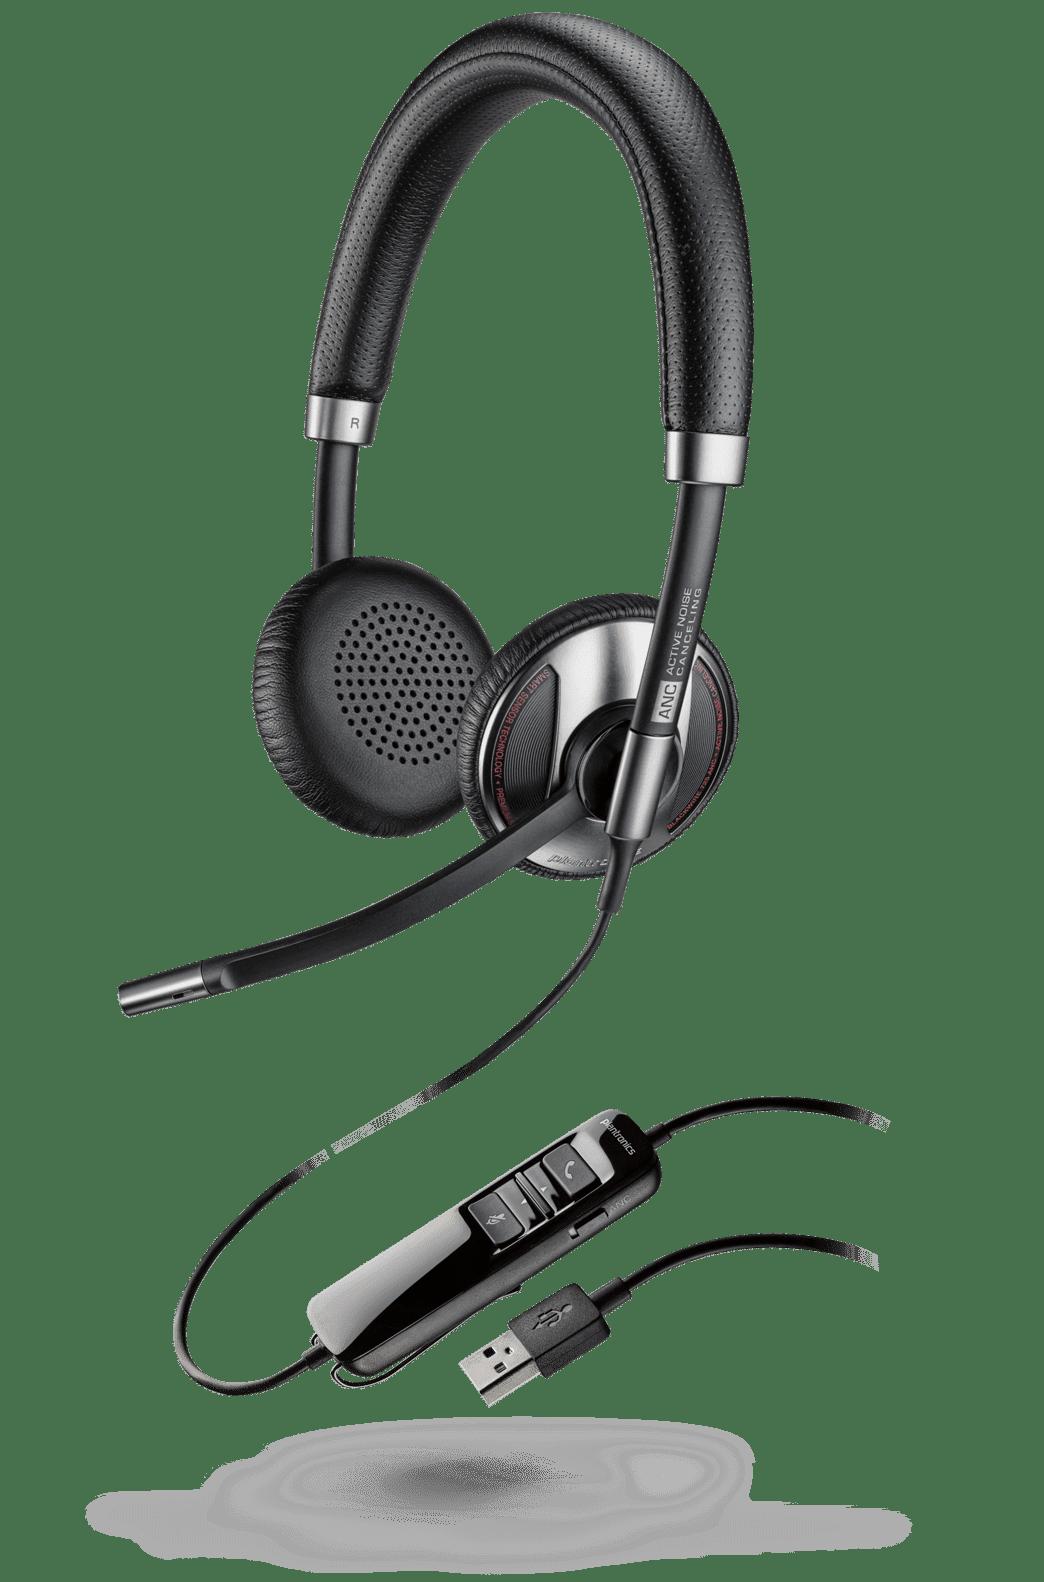 plantronics blackwire c725